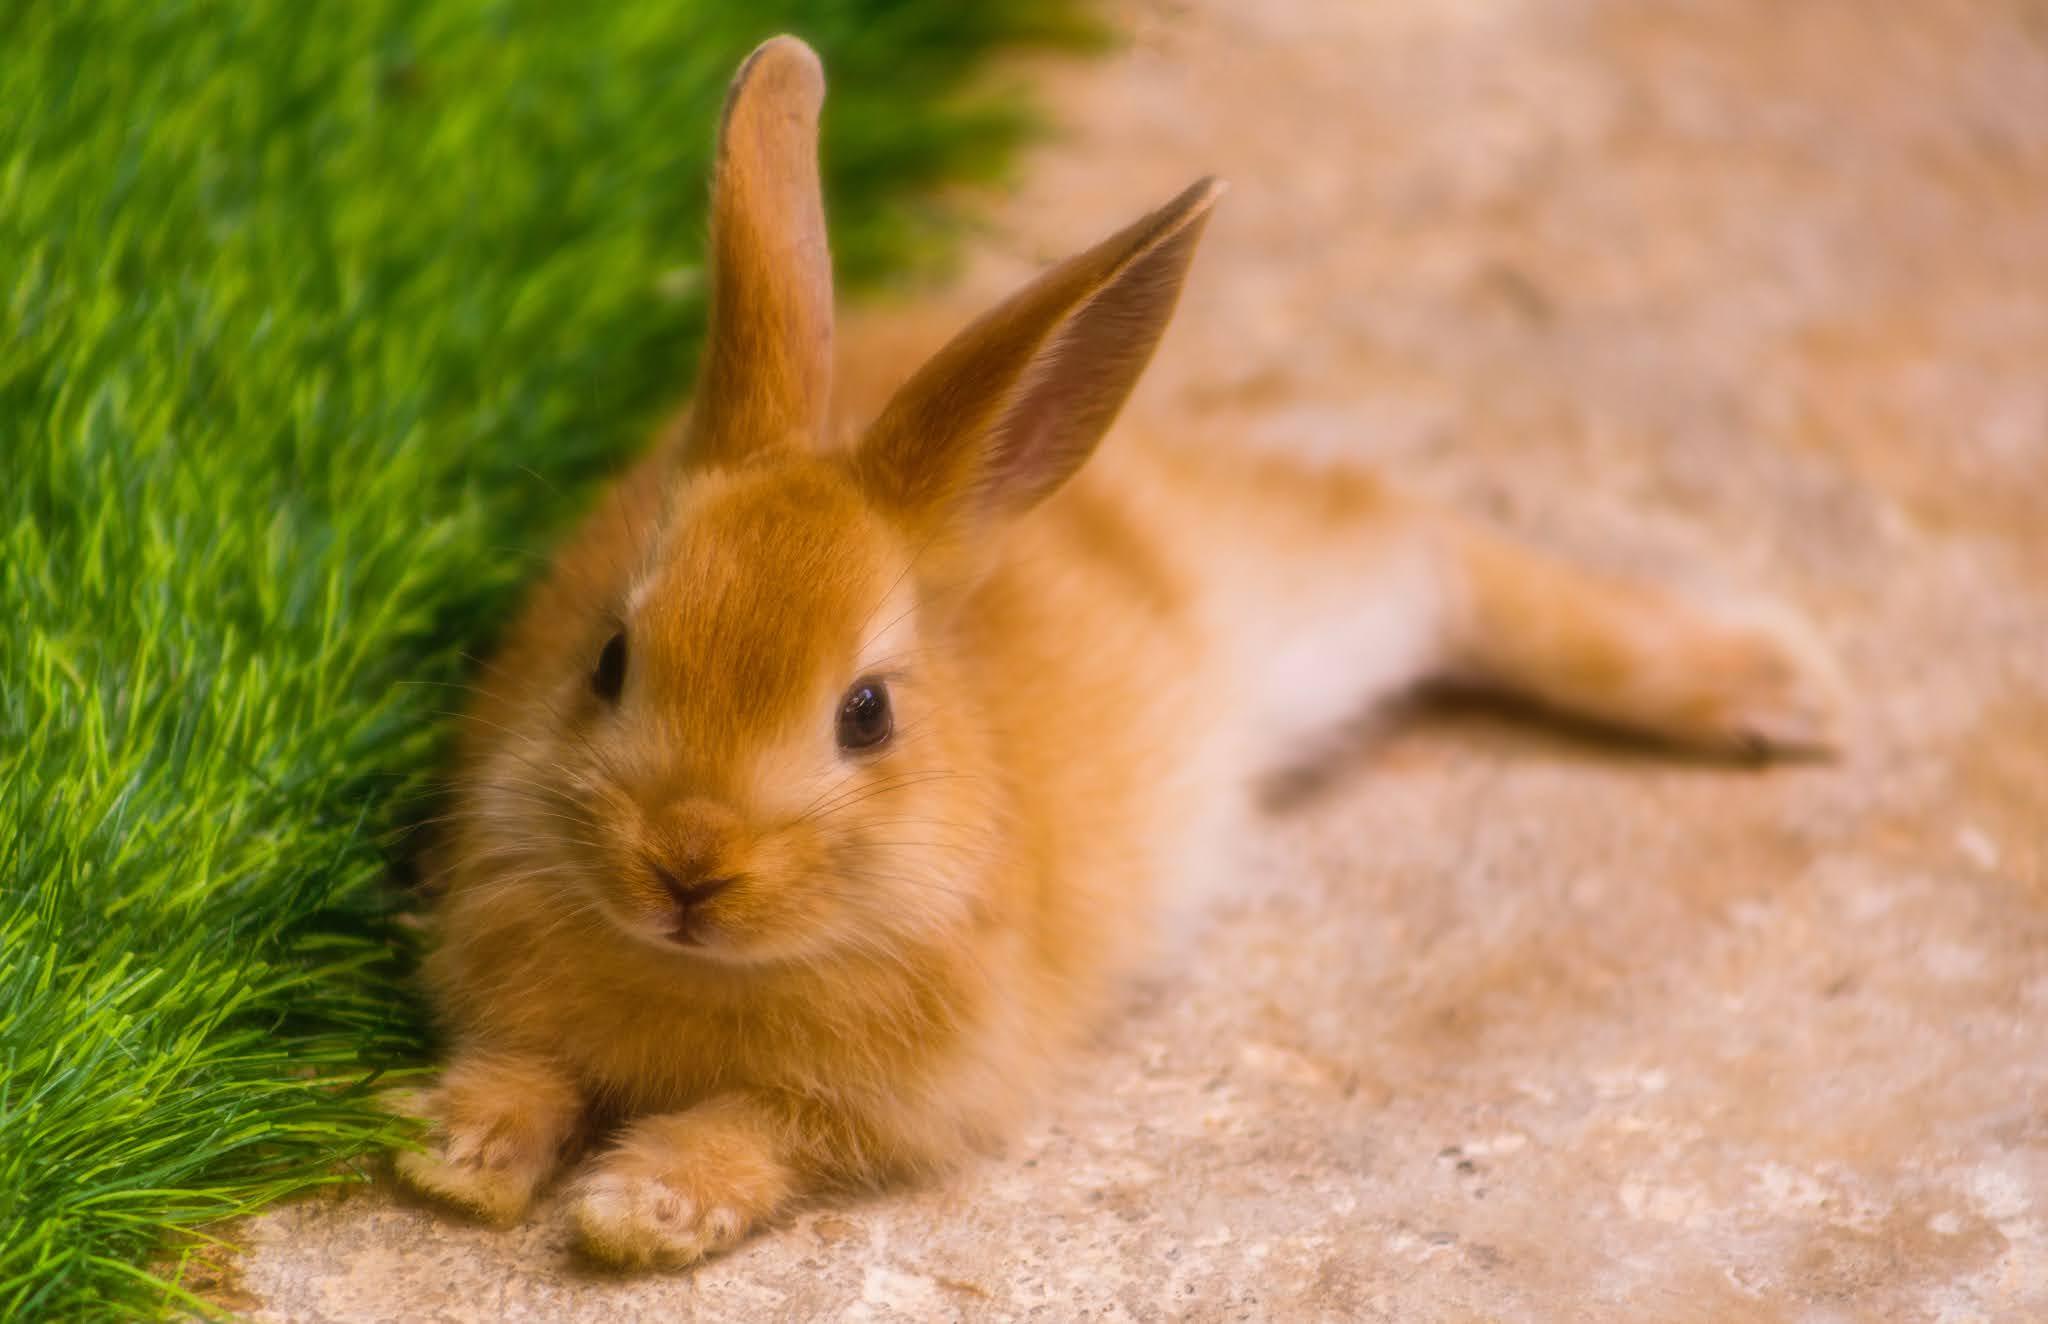 Ciekawostki o królikach, czy króliki dobrze widzą w nocy?